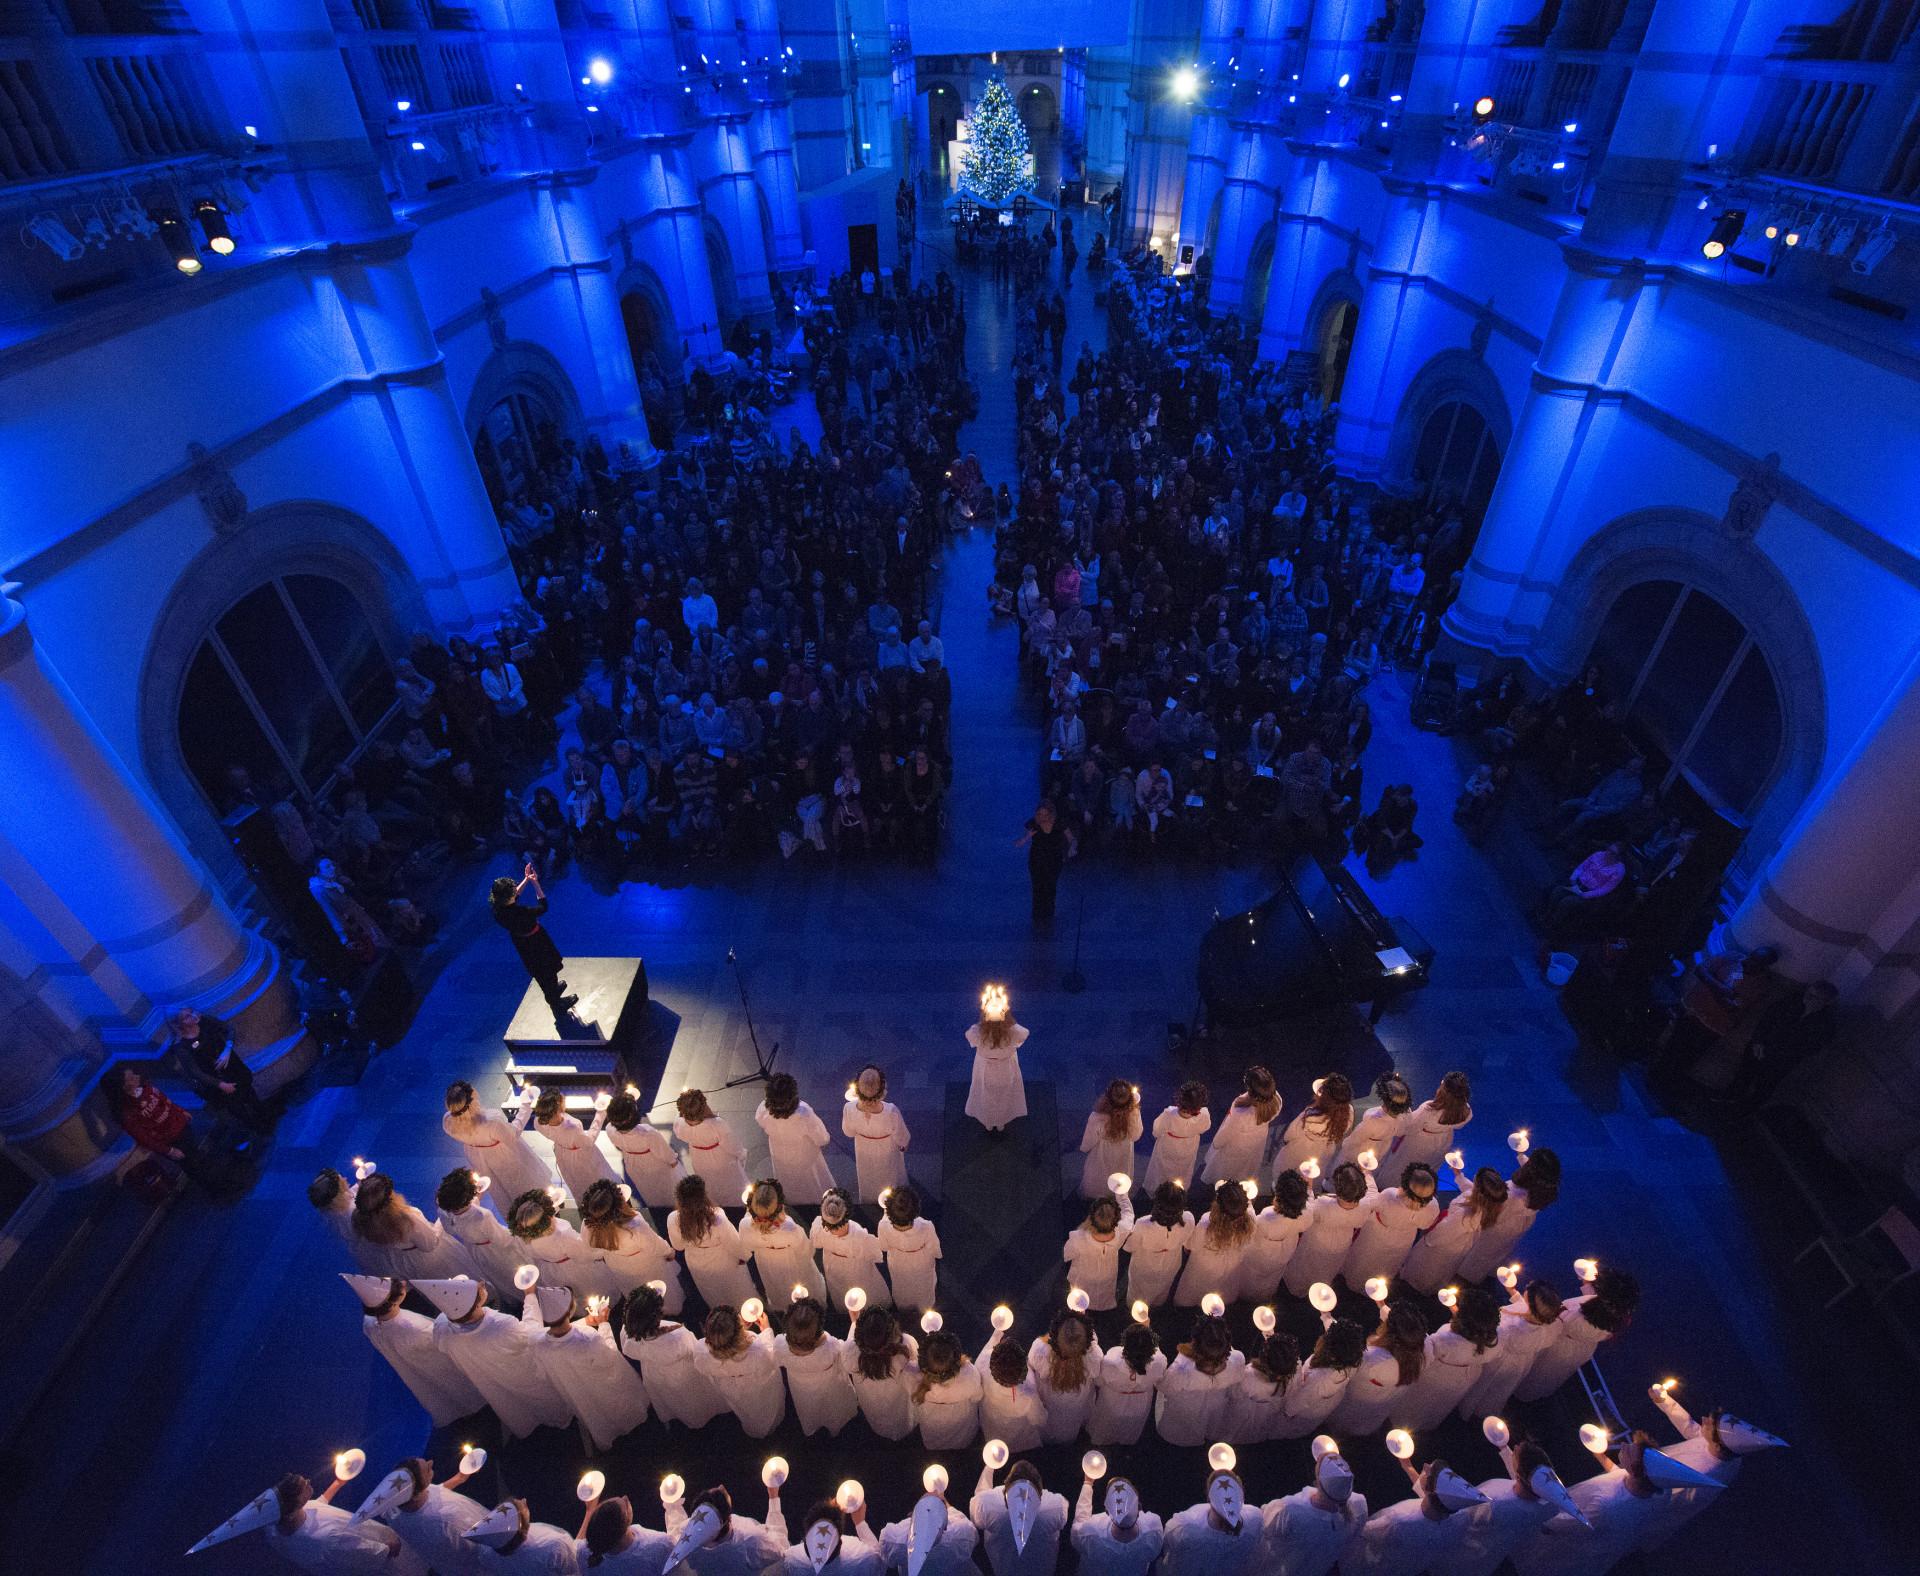 Luciakonsert på Nordiska museet. Foto: Nordiska museet